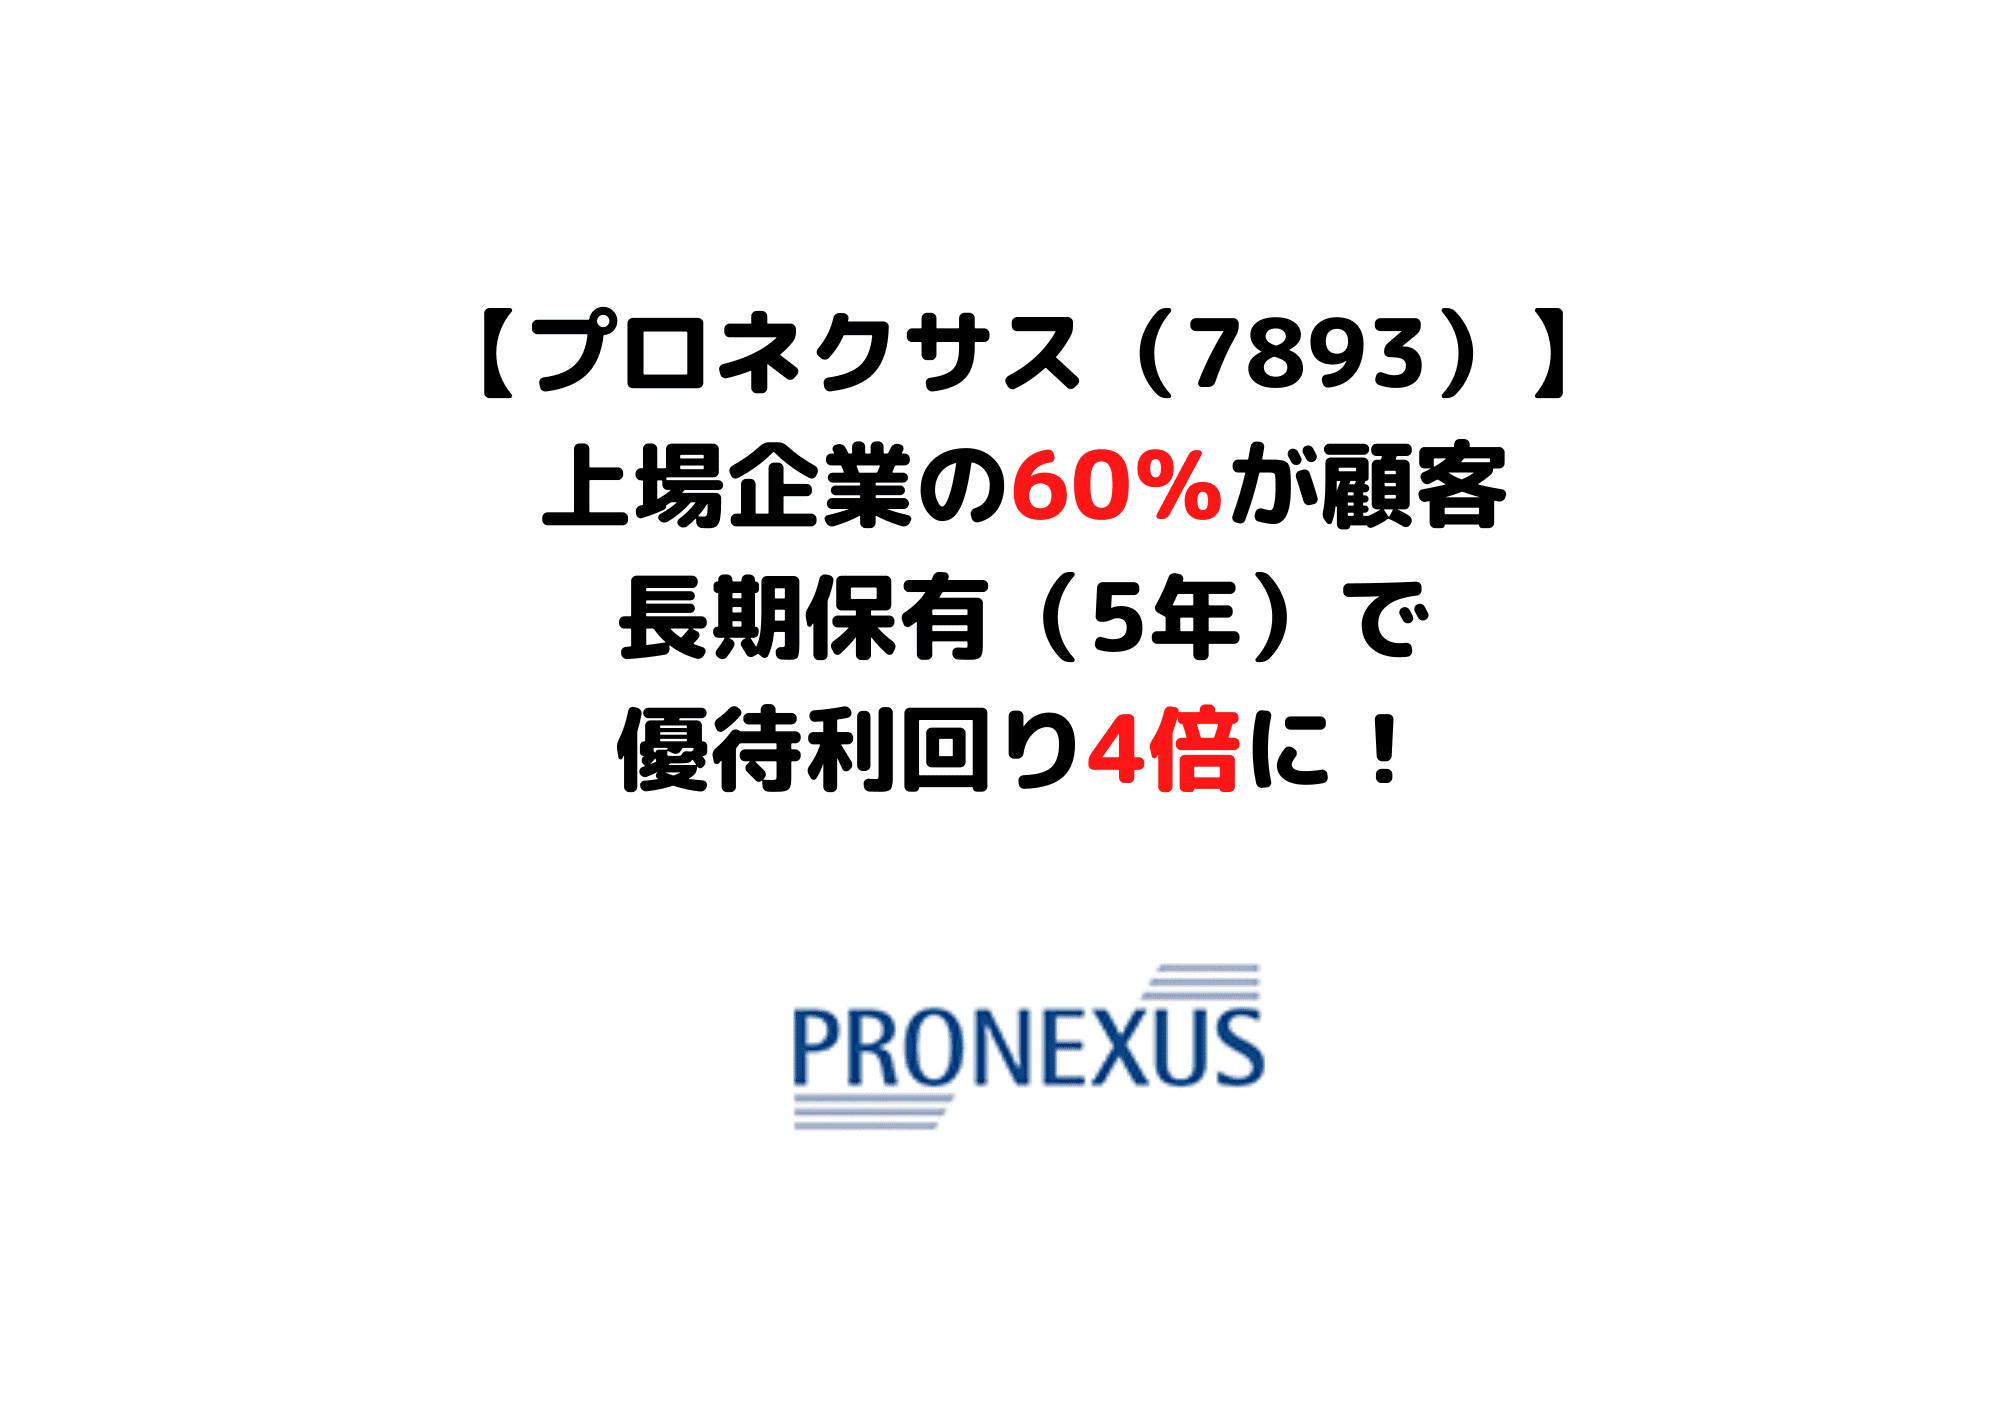 7893 プロネクサス (1)